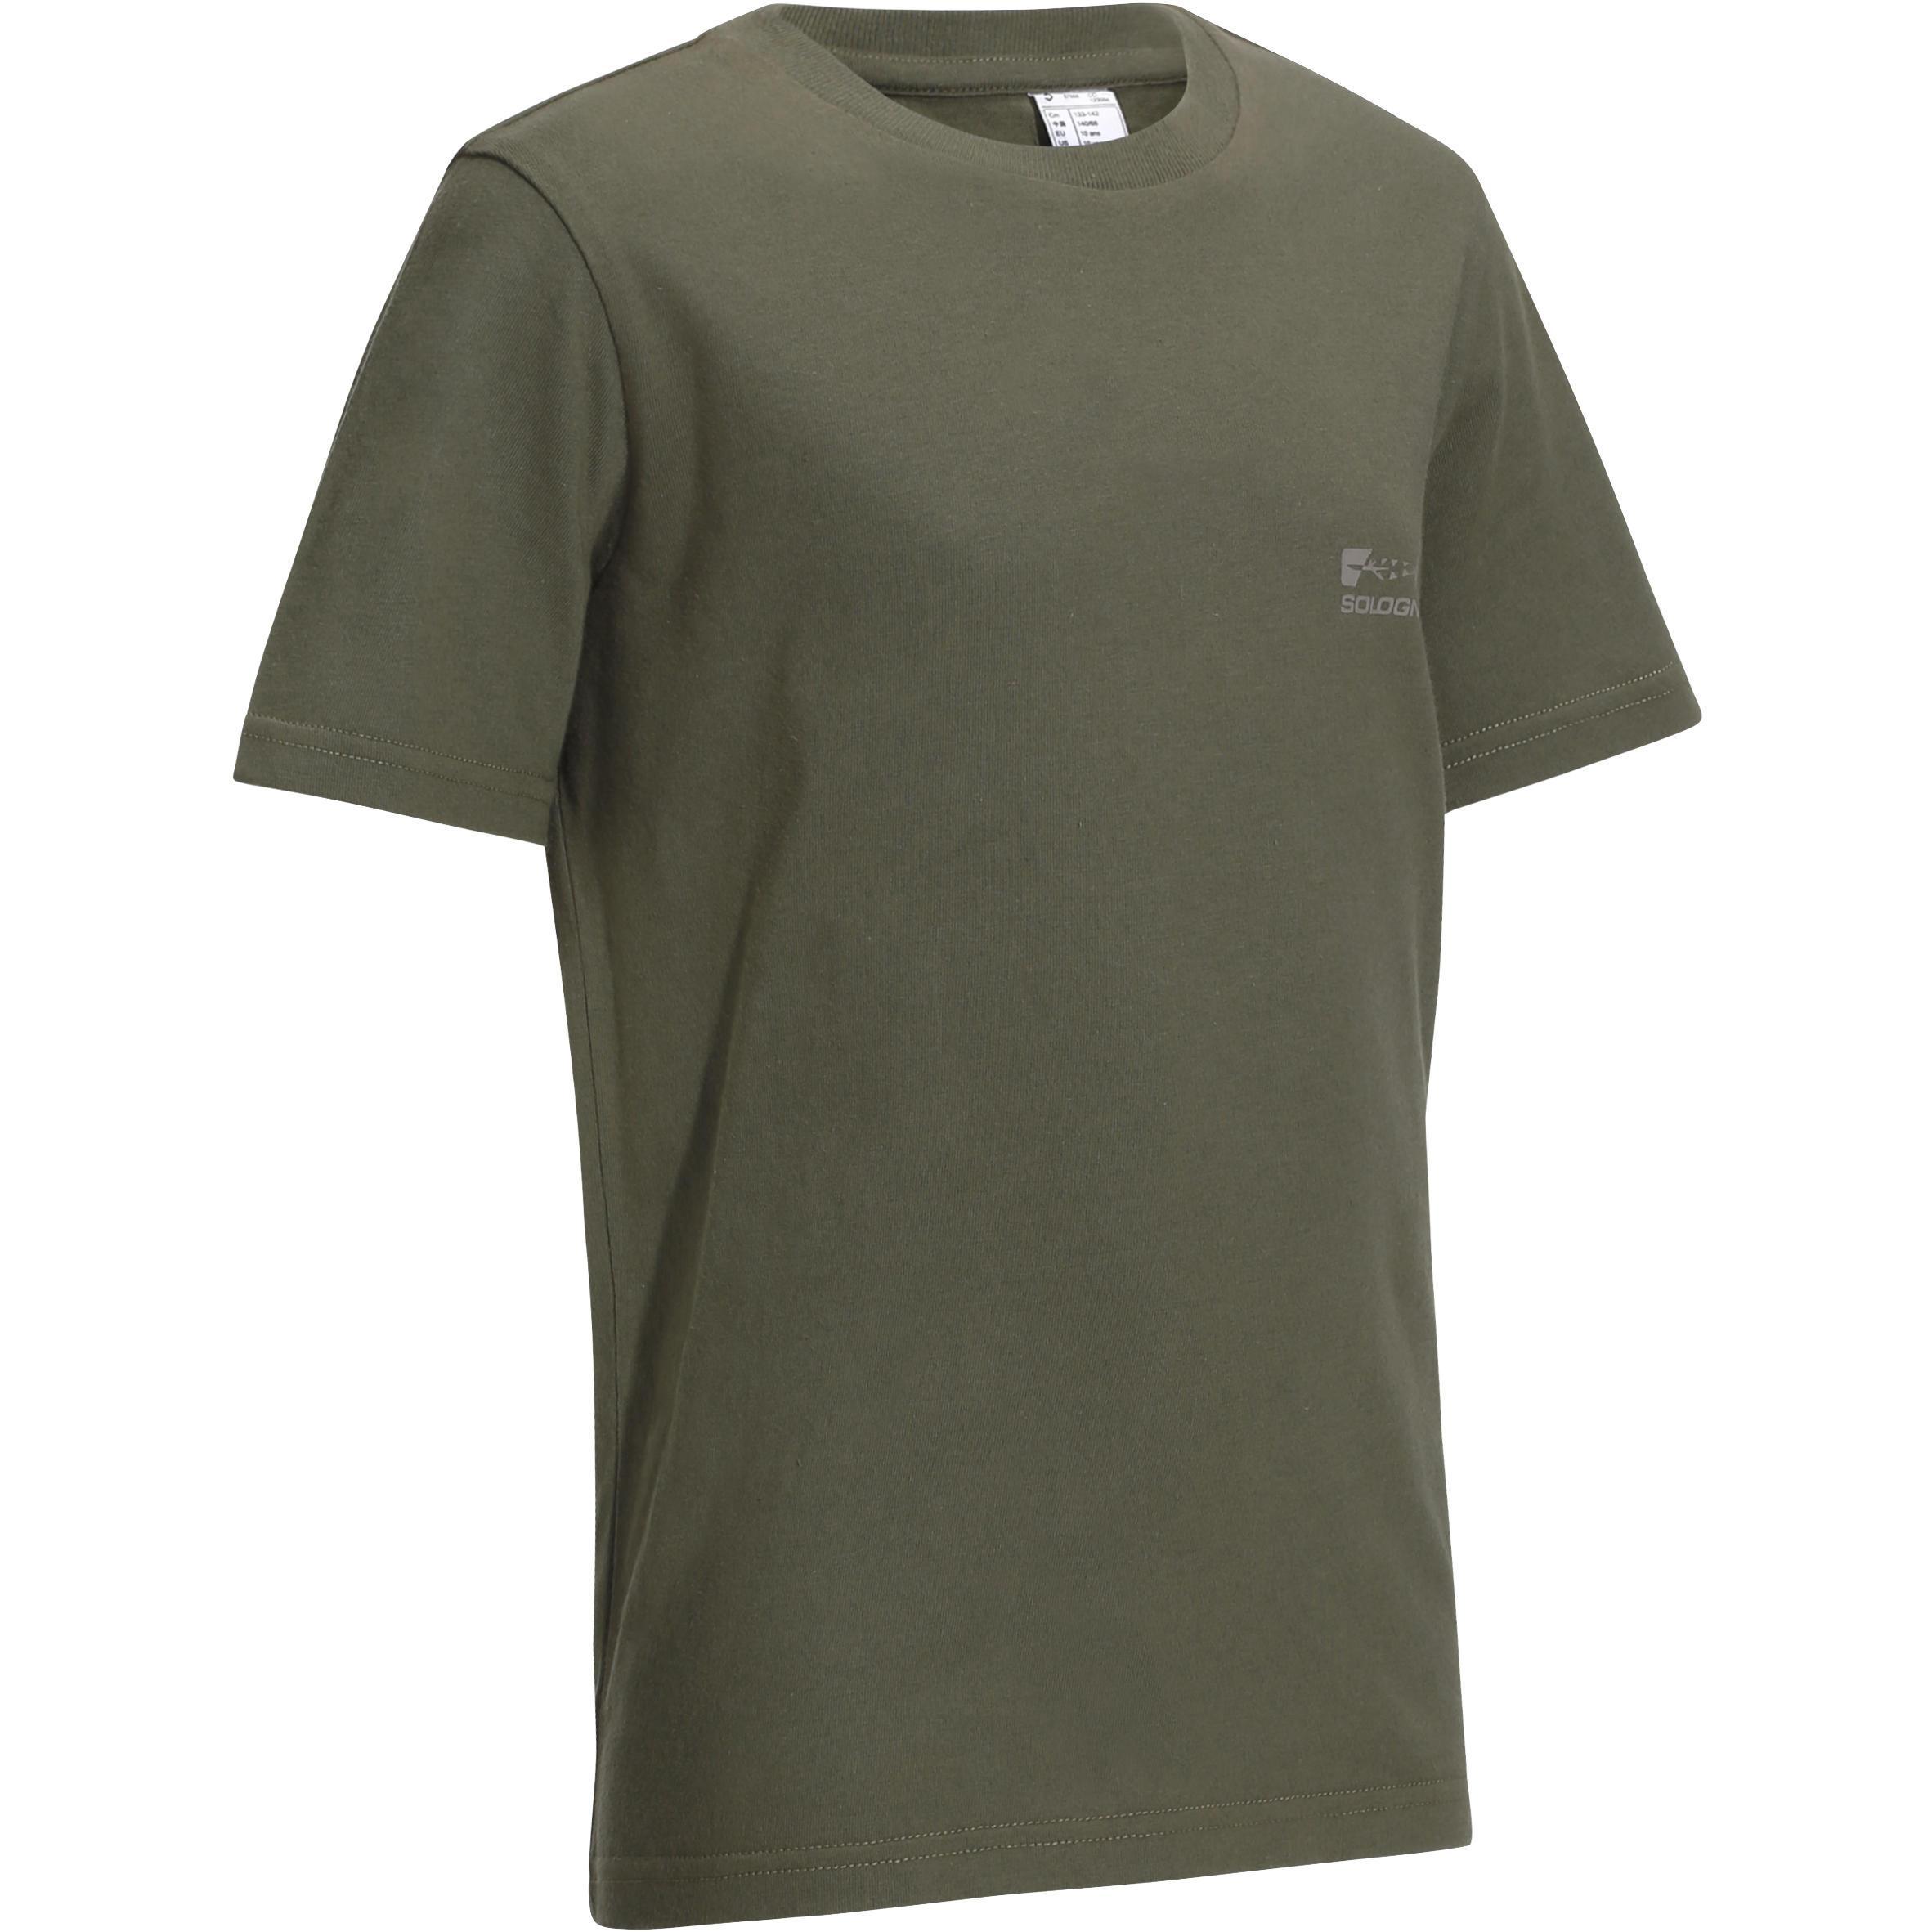 Solognac Kinder T-shirt voor de jacht 100 groen